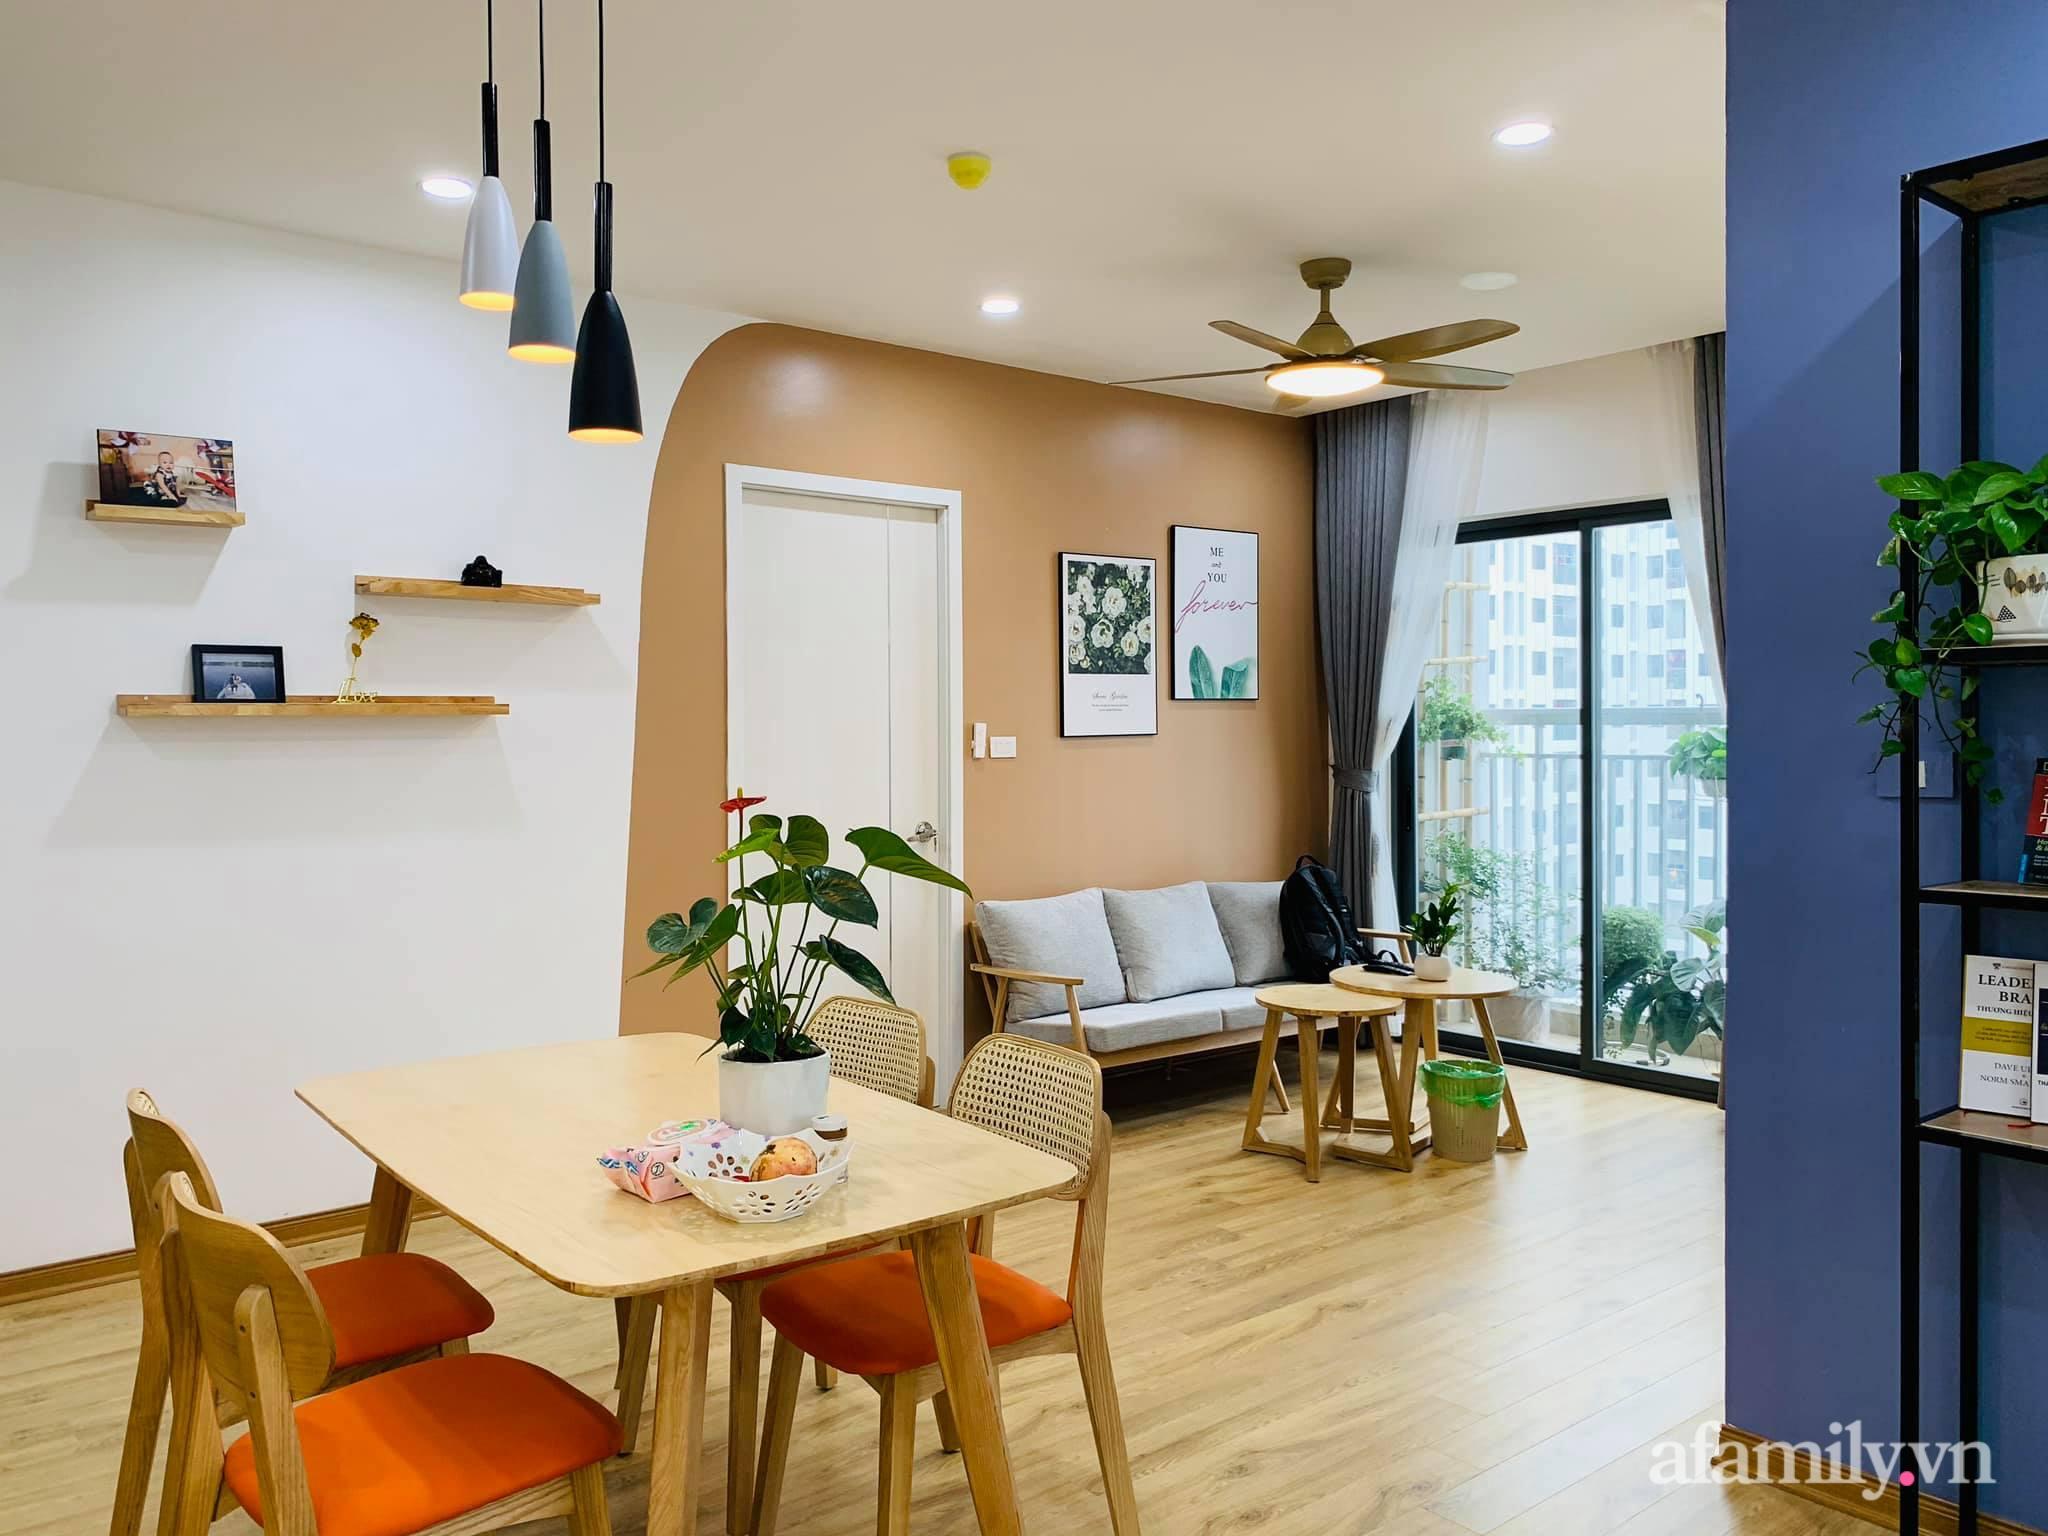 Nhà ở xã hội 69m² siêu ấm áp và tiện ích có chi phí cải tạo 200 triệu đồng của cặp vợ chồng 9X ở Từ Liêm, Hà Nội - Ảnh 7.